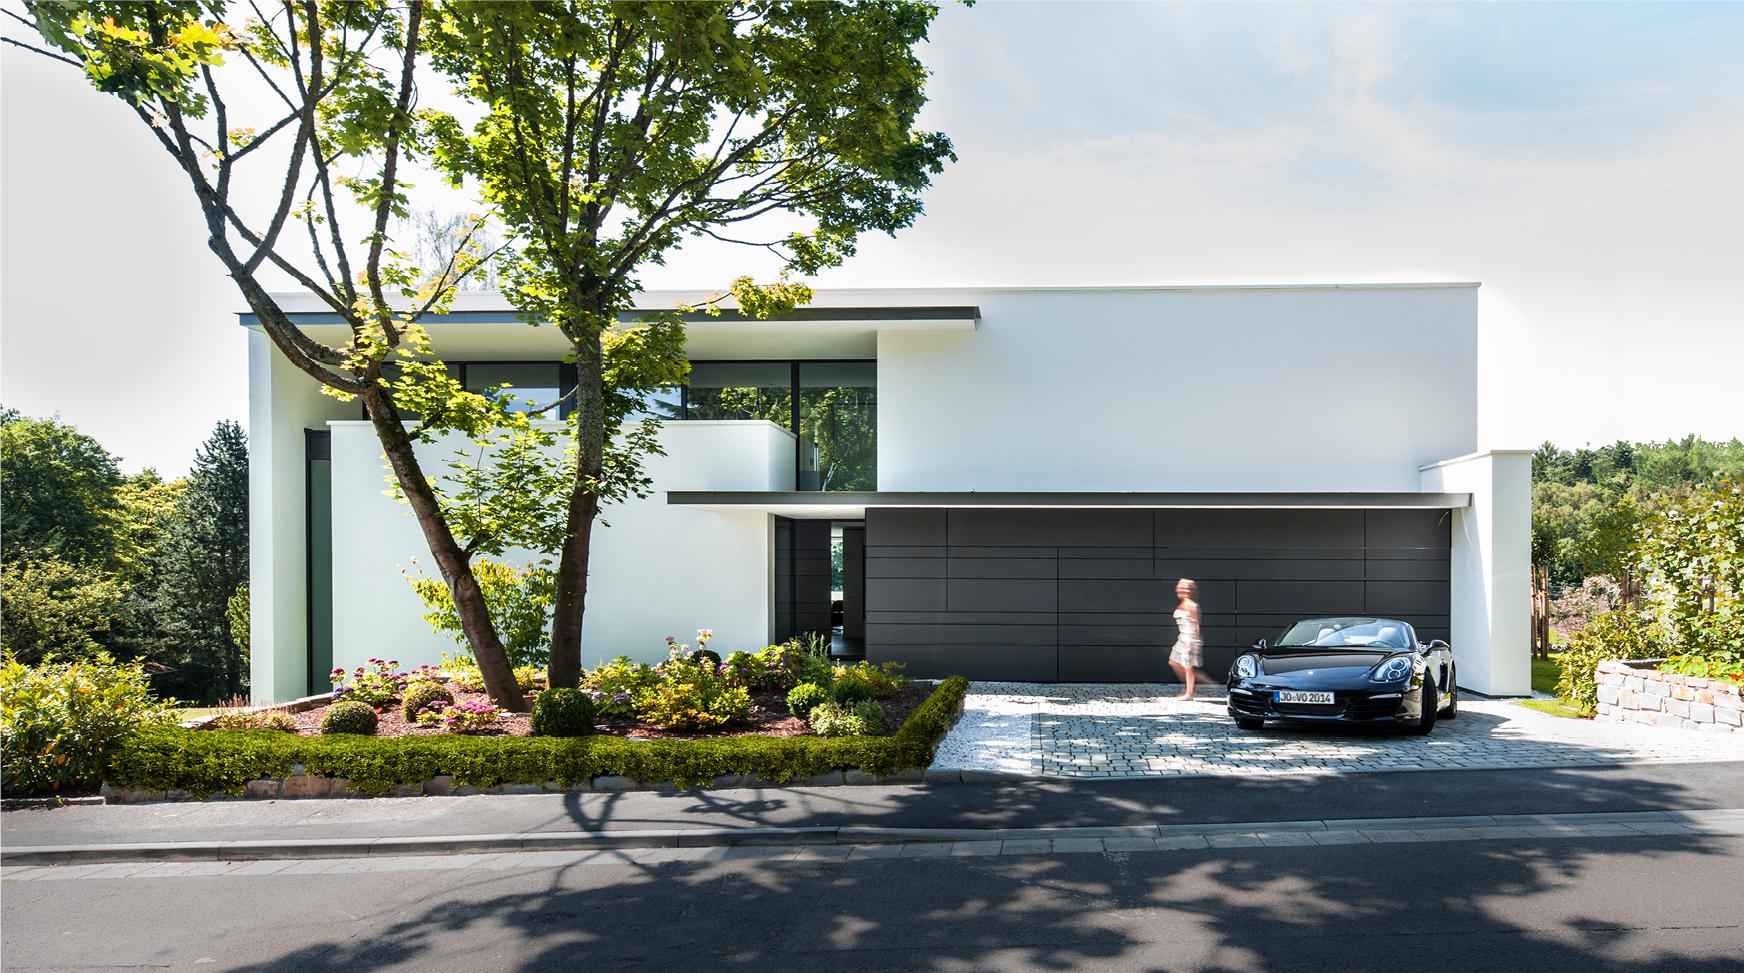 Architektur Wohnhaus Fuchs Und Wacker Exquisit On Andere Beabsichtigt Projekt Haus JMC Architekten Bda 3